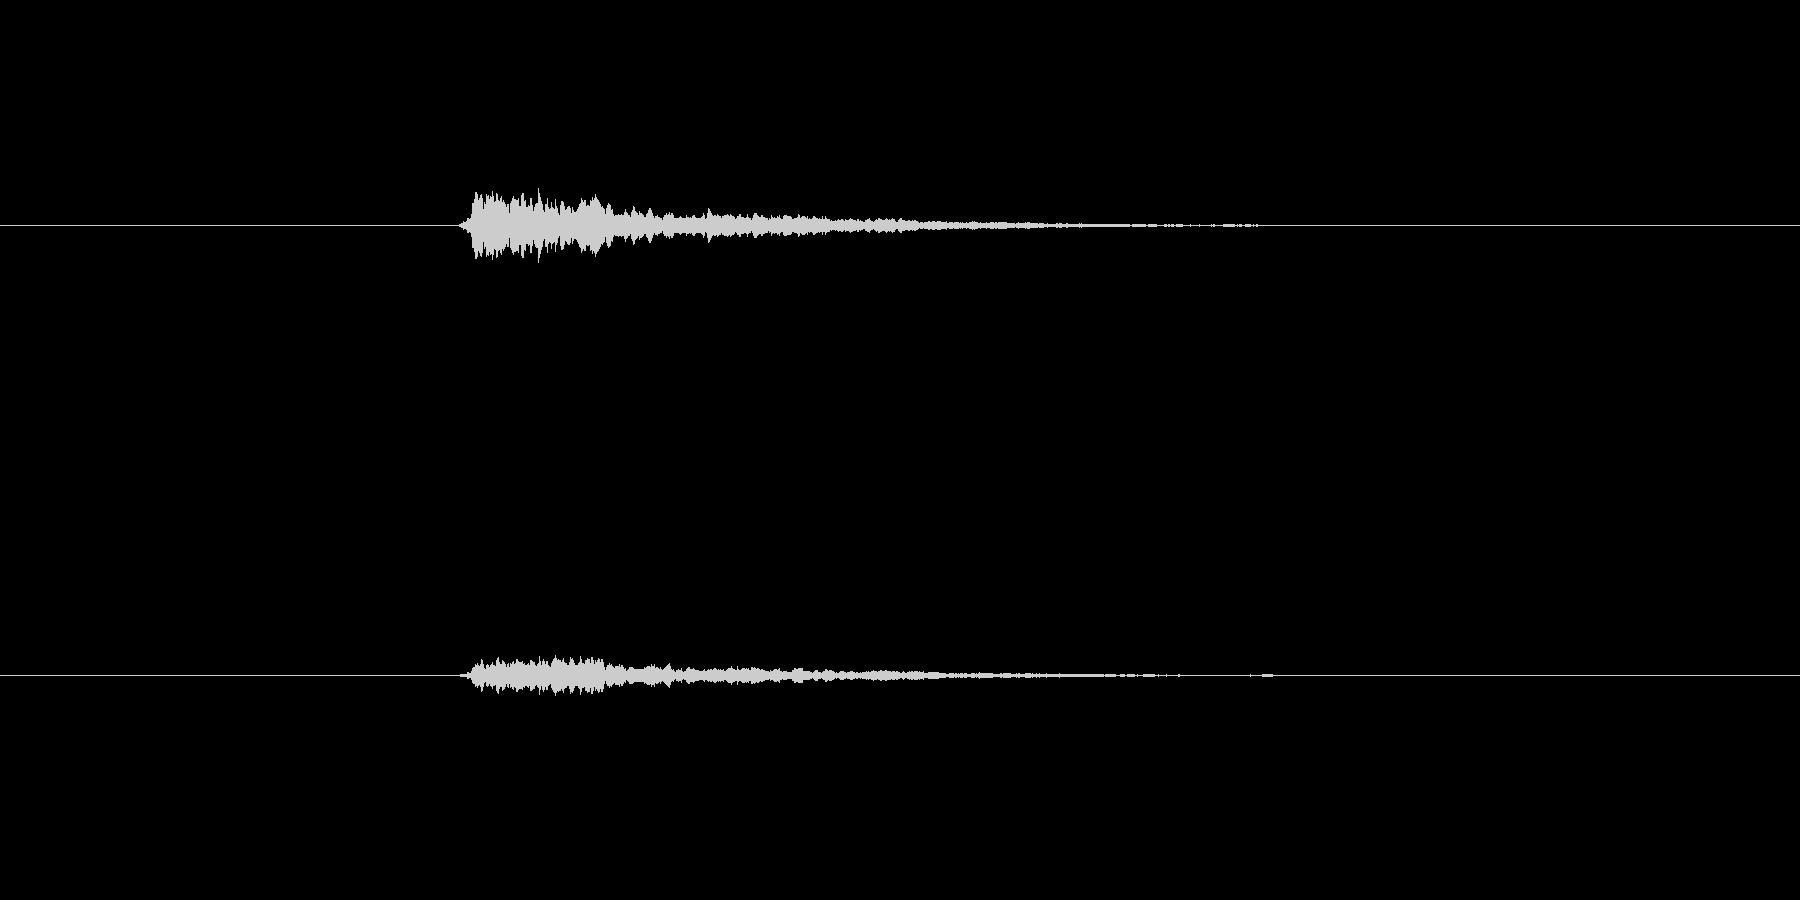 しゃりーんと軽快な鈴の音の未再生の波形